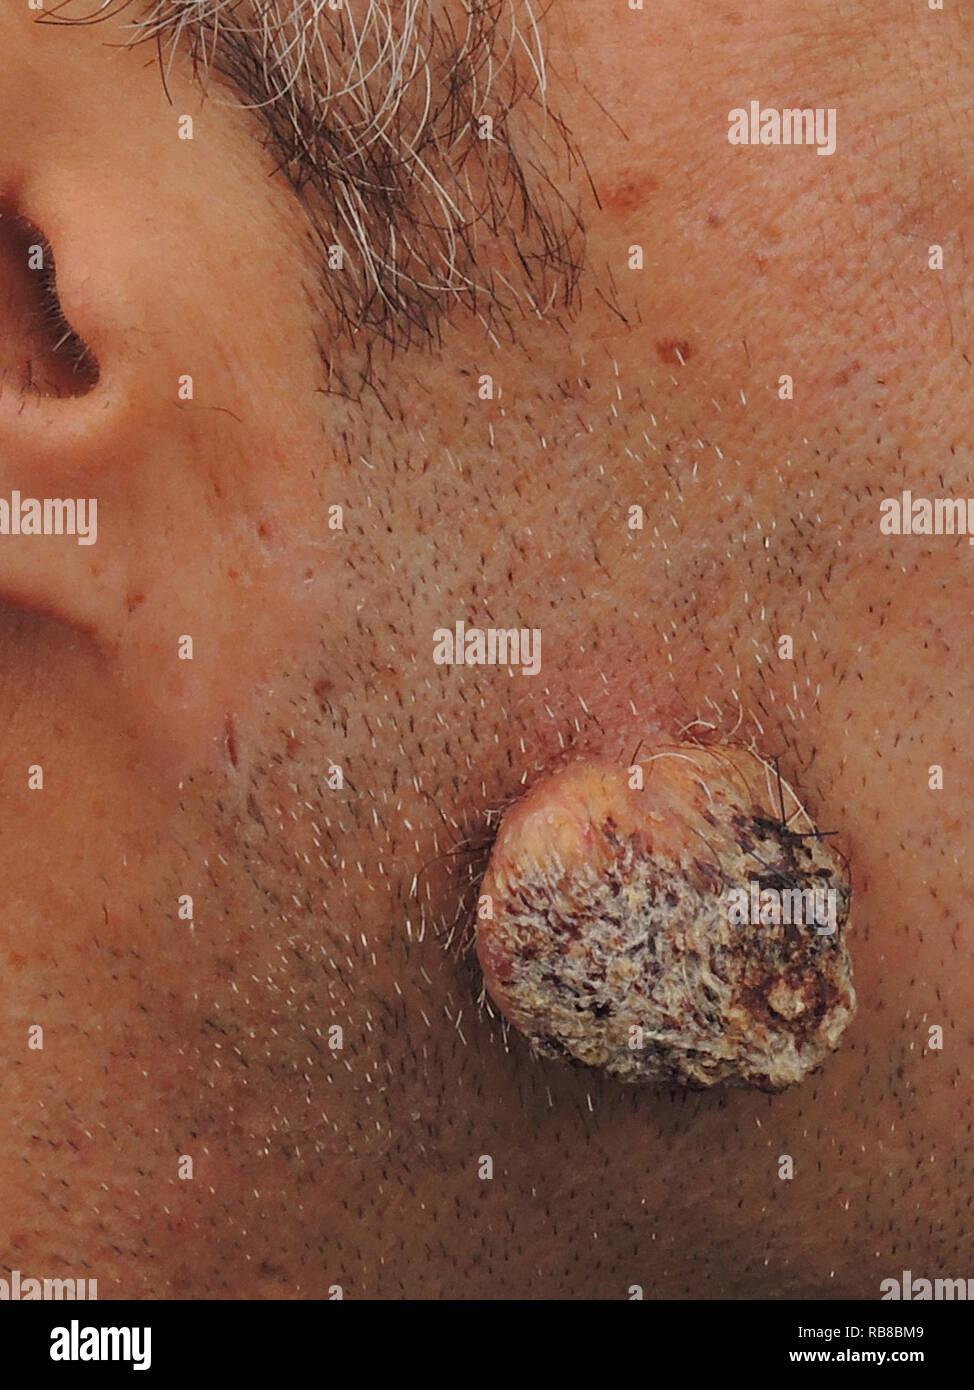 Colon tumors and facial flushing 5